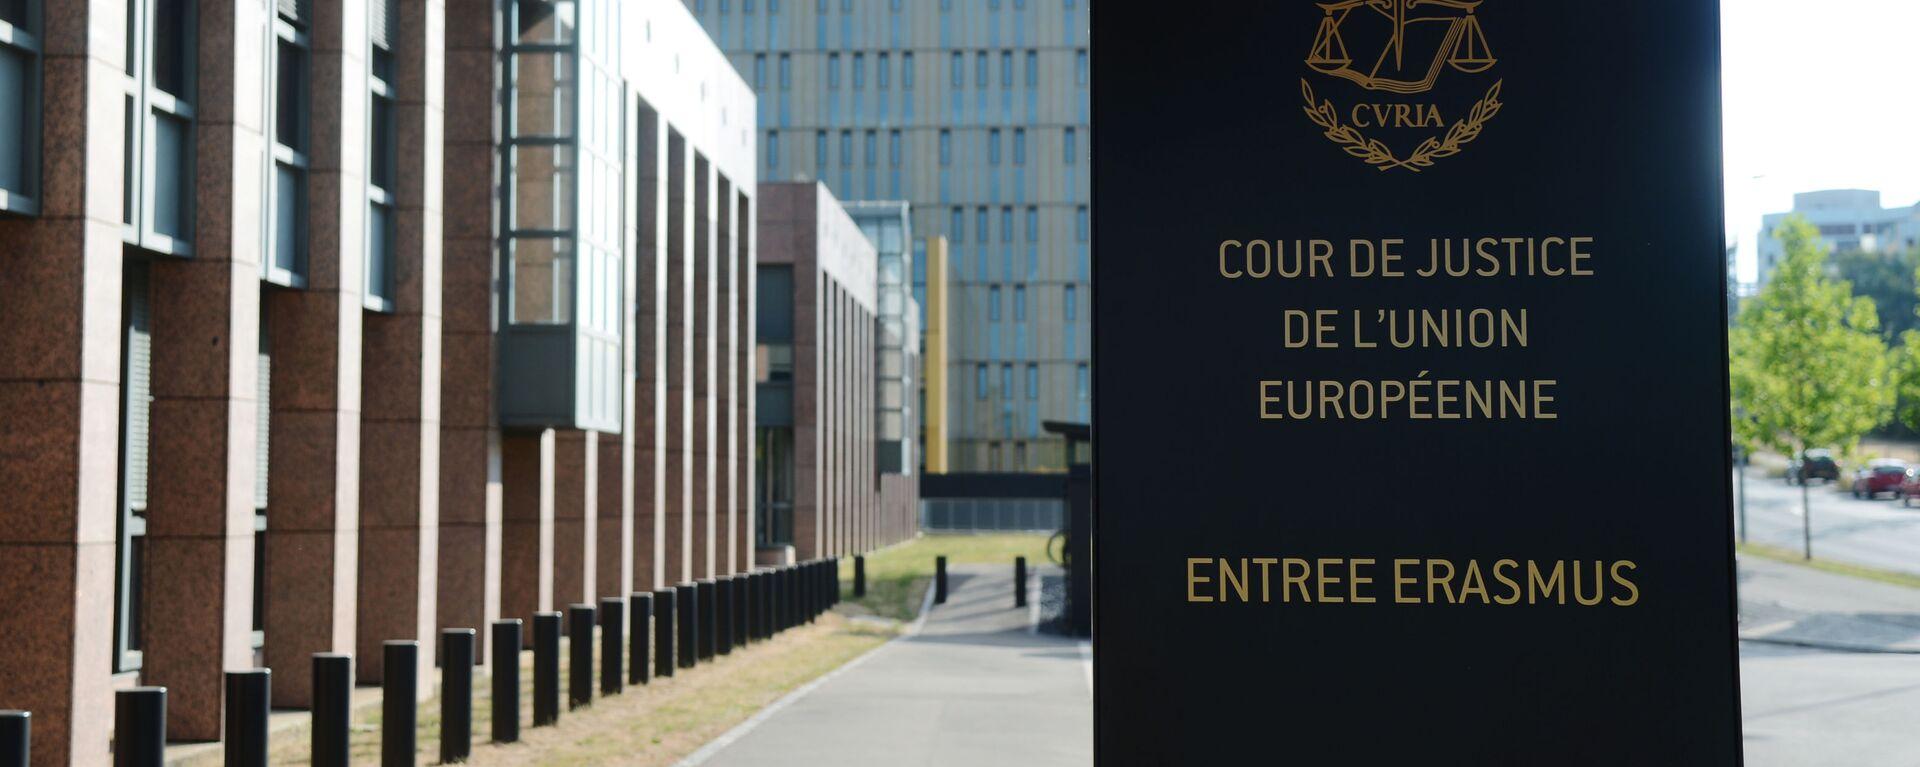 Trybunał Sprawiedliwości Unii Europejskiej (TSUE) - Sputnik Polska, 1920, 17.06.2021